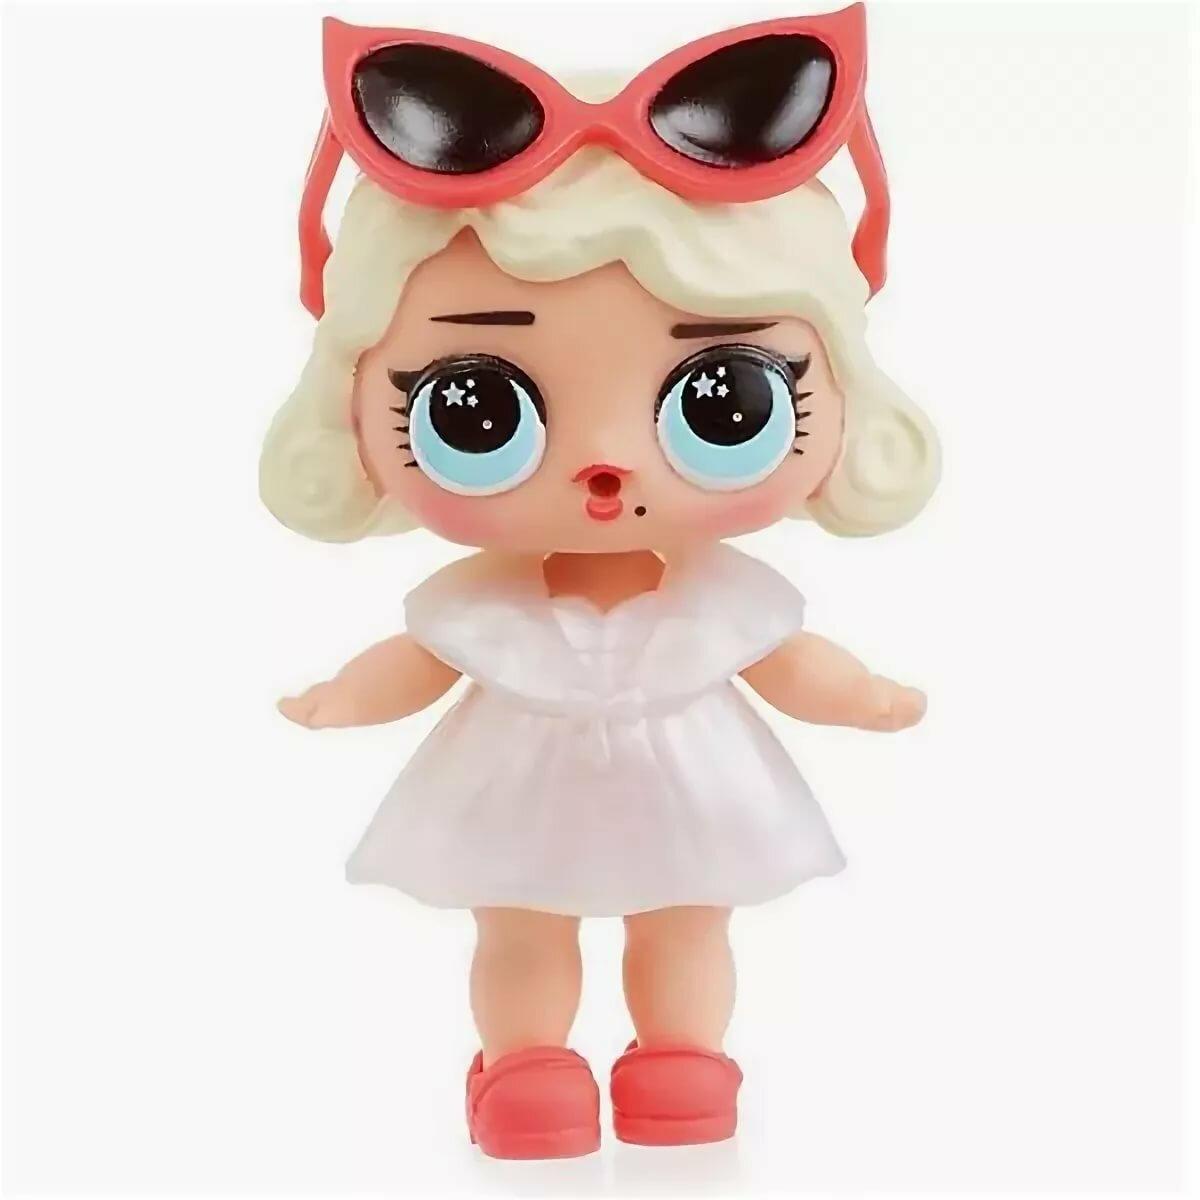 что картинки игрушечных кукол лол помогает